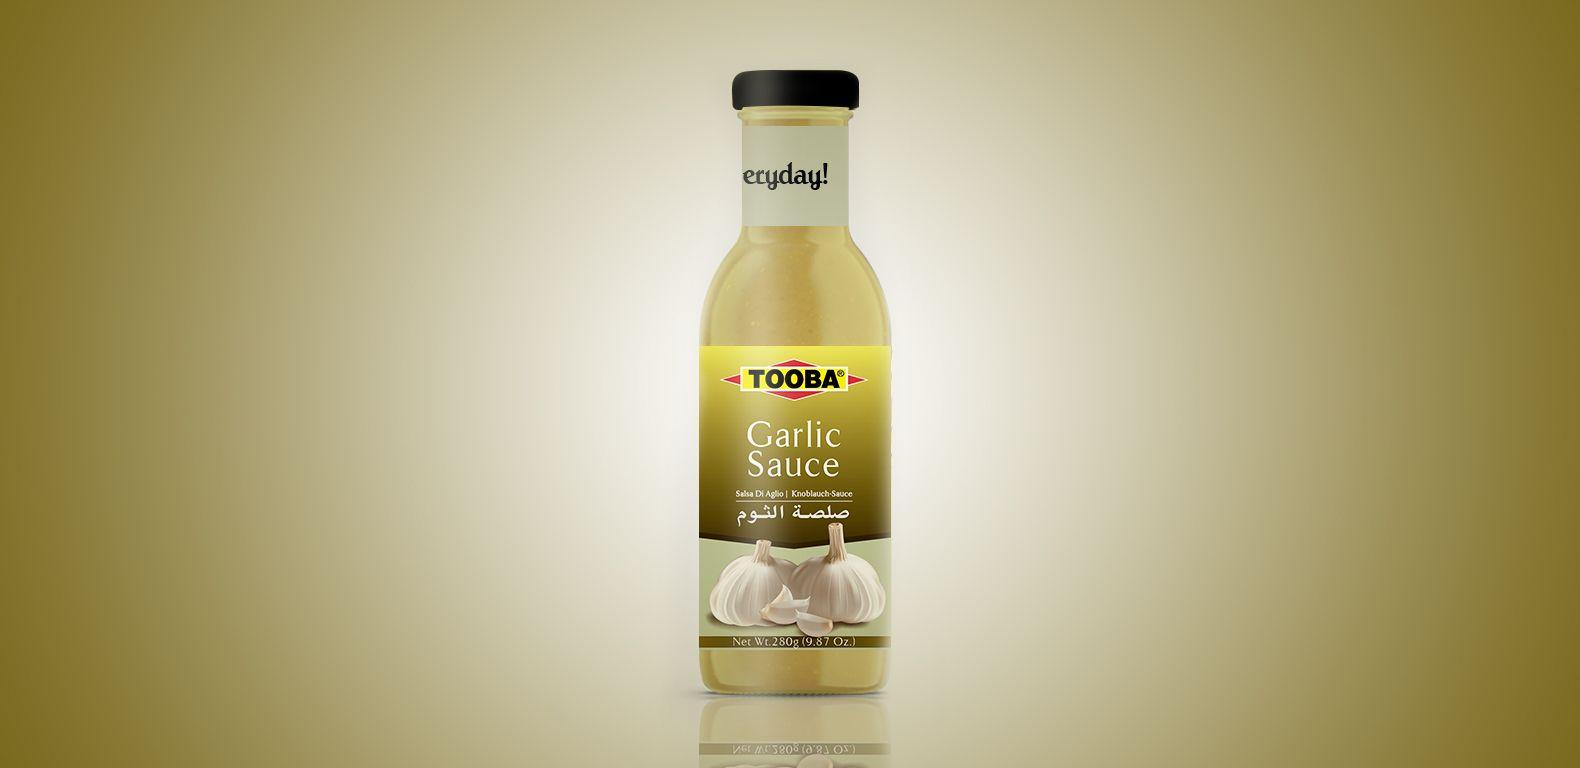 Packaging-Design-Tooba-Sauces-1580x768-Garlic-Sauce